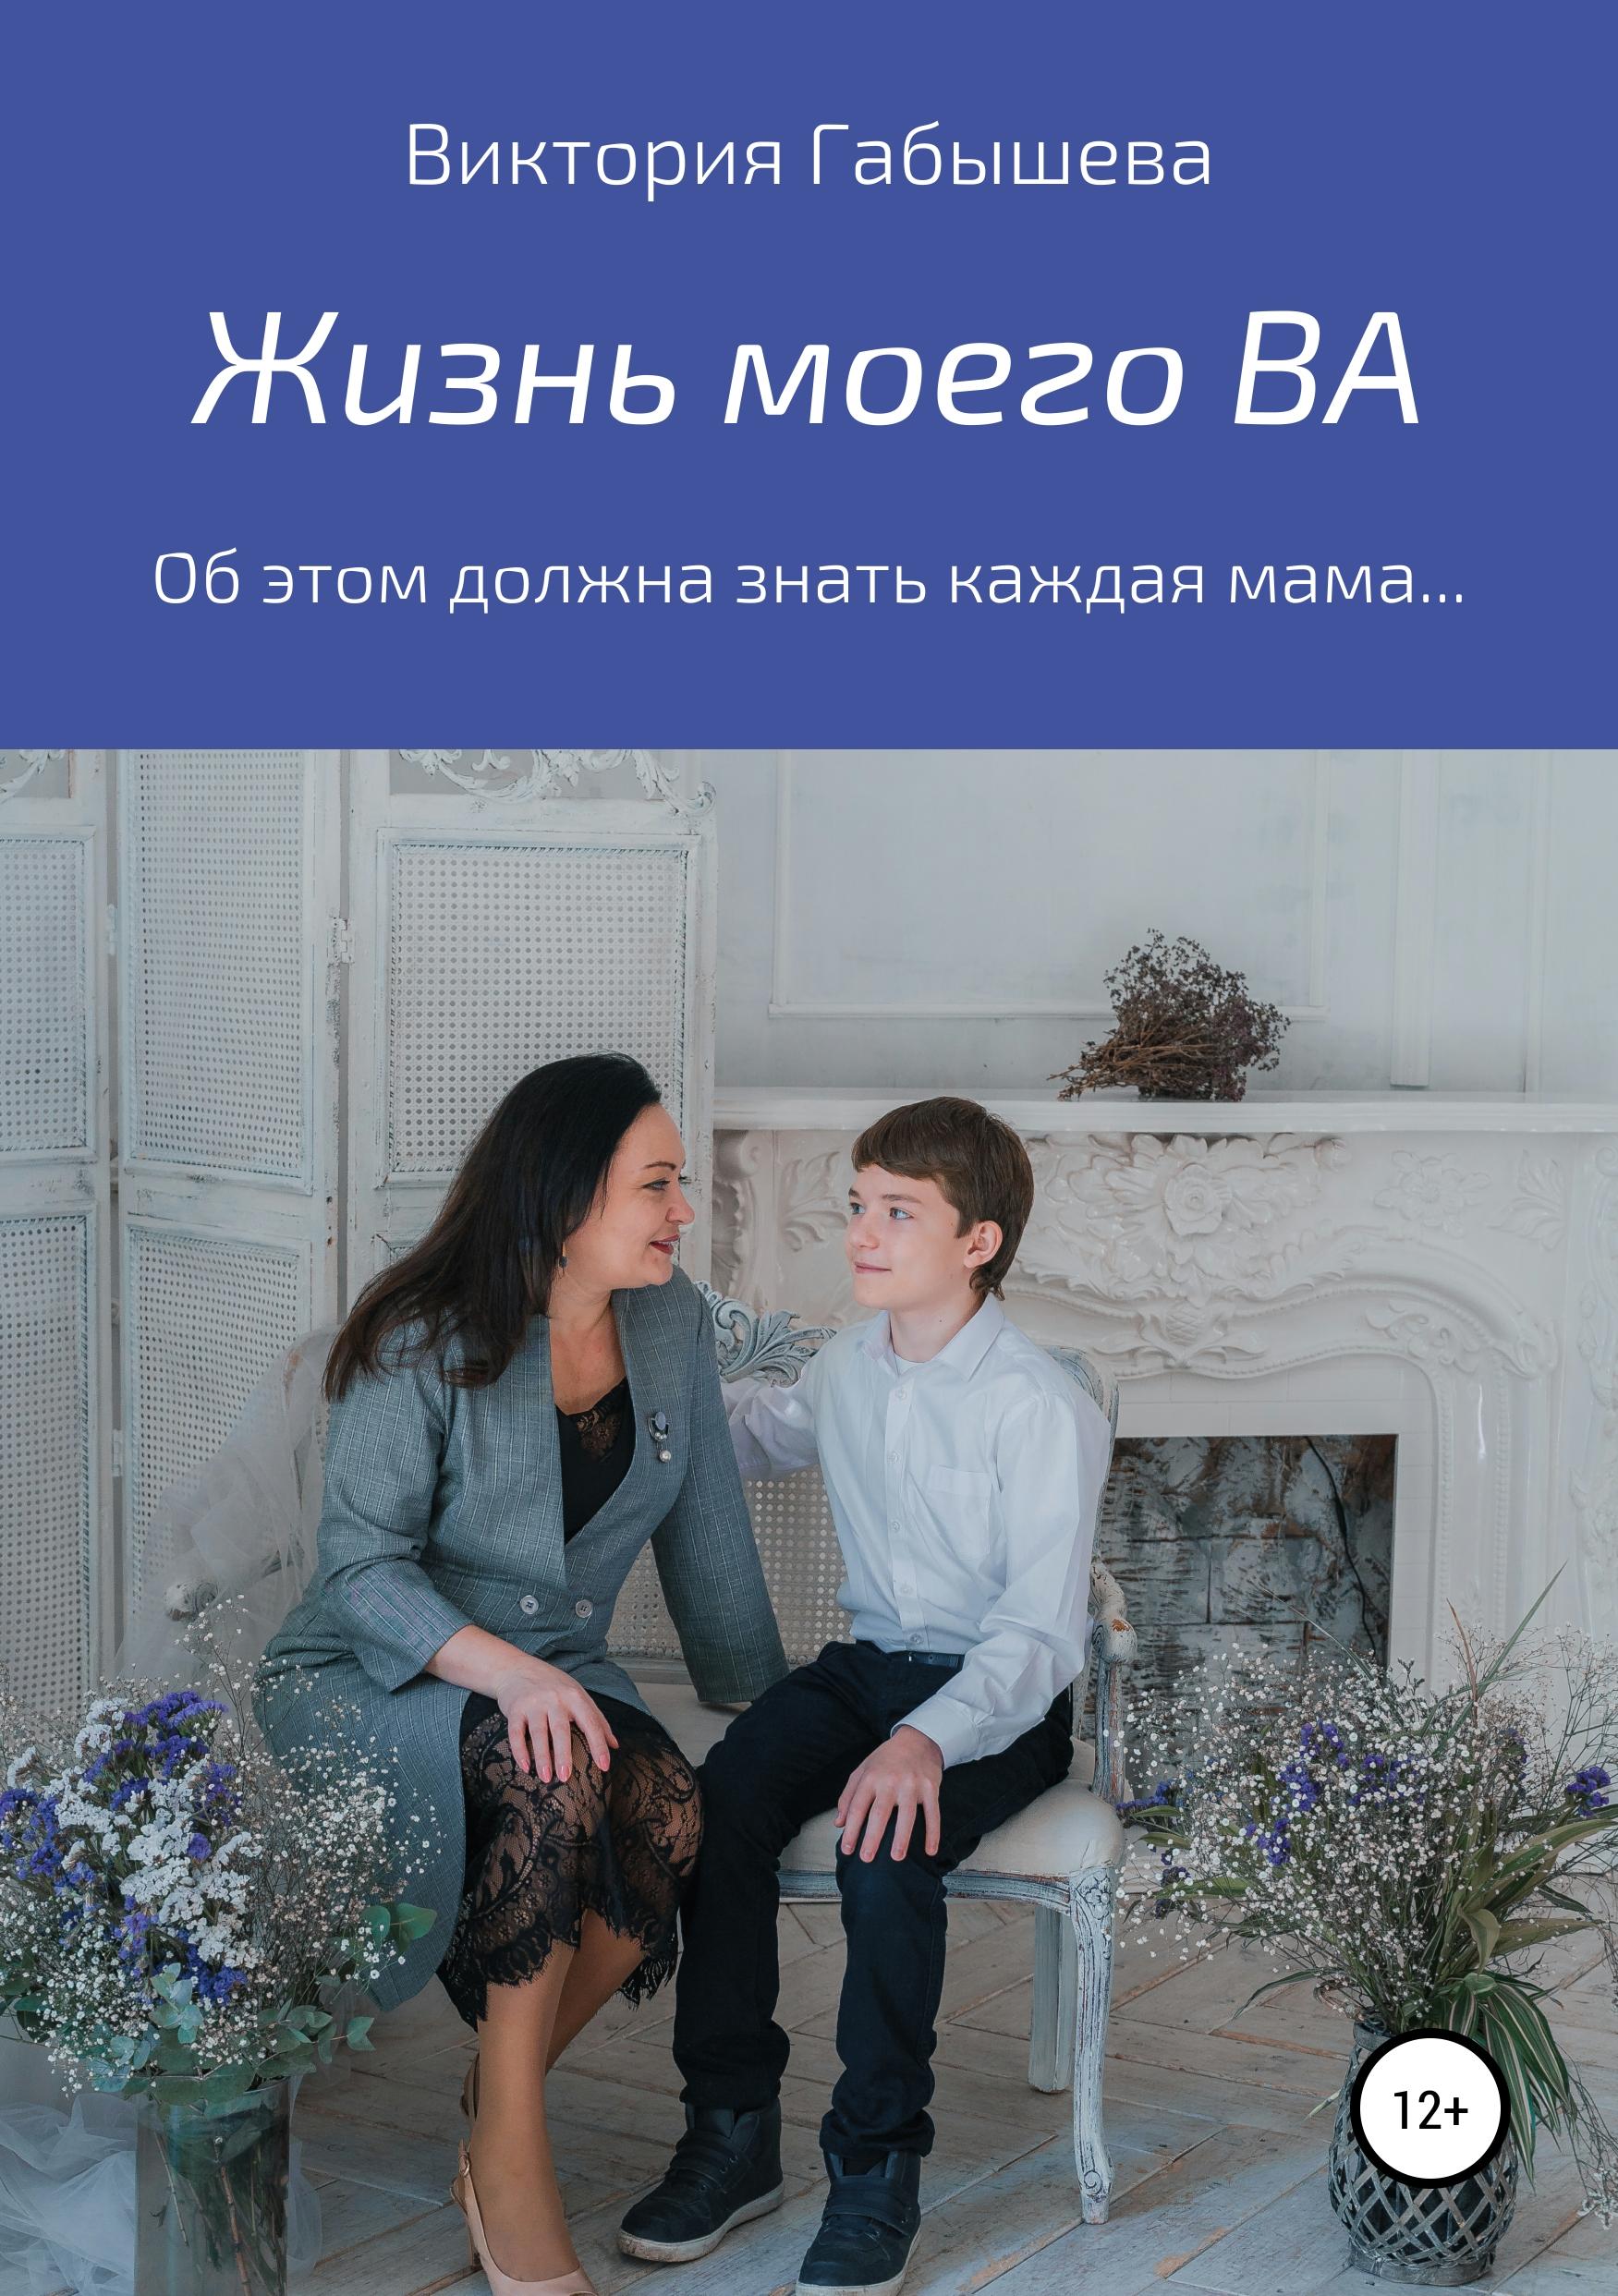 Виктория Анатольевна Габышева Жизнь моего ВА автор не указан требник